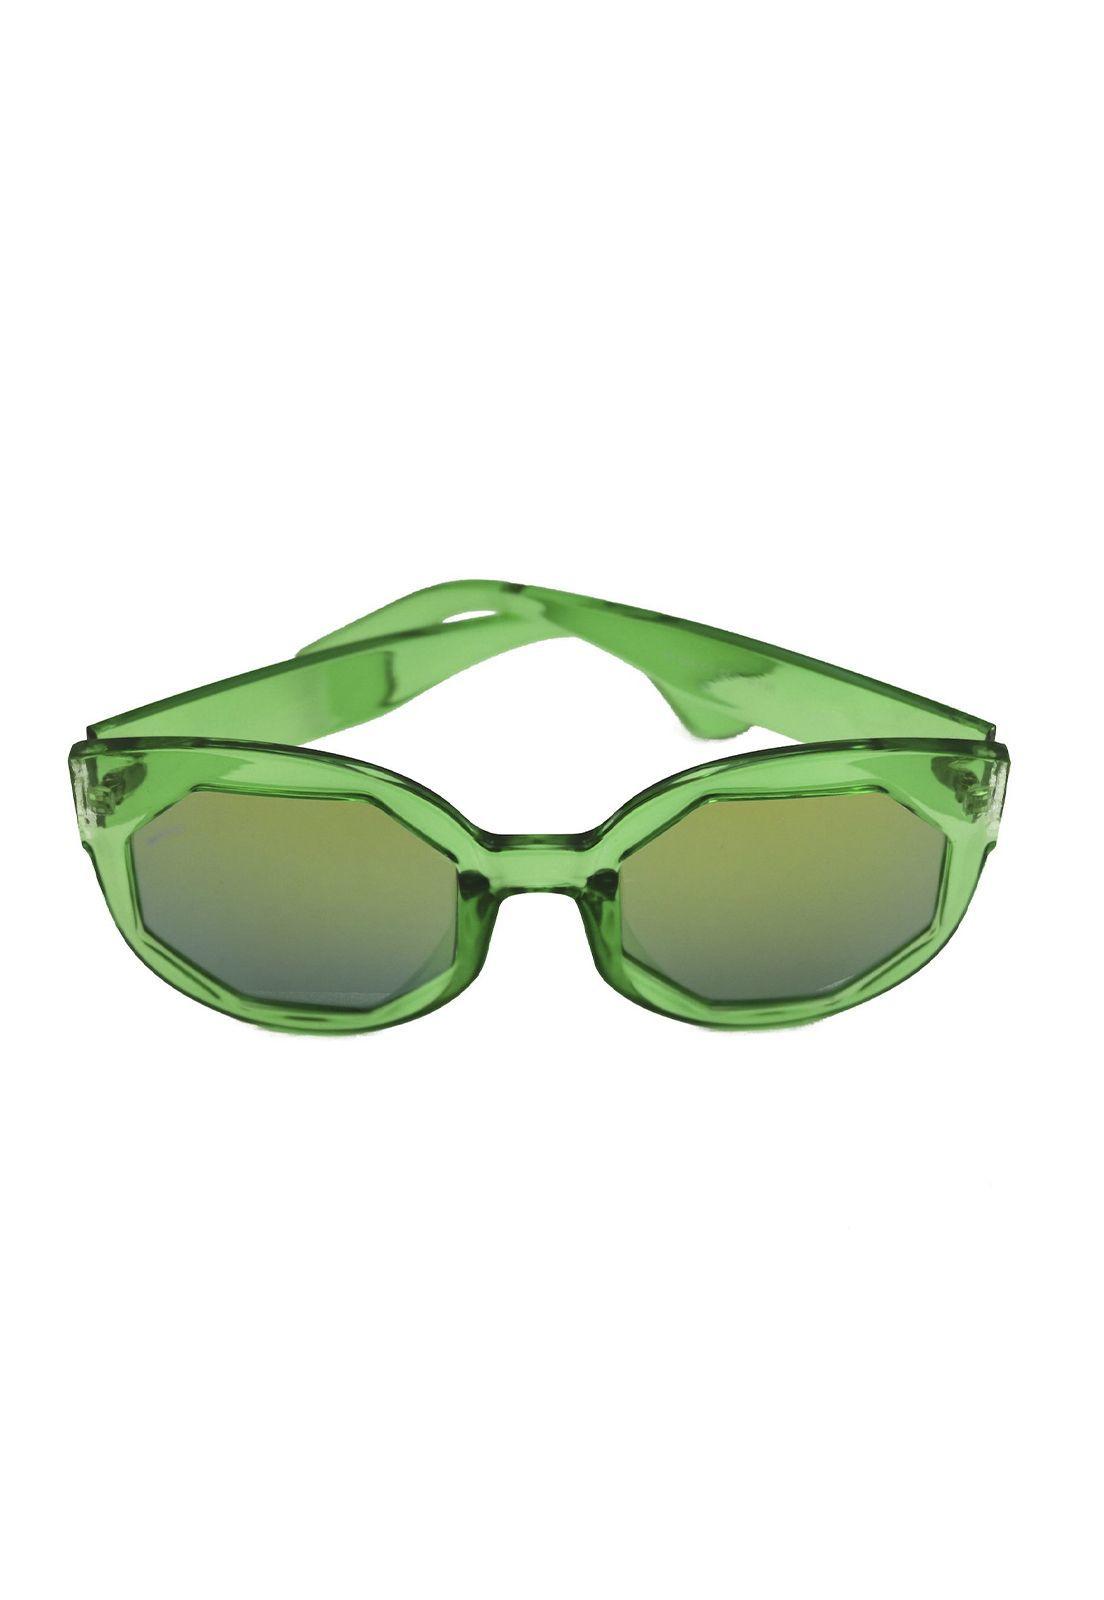 Óculos de Sol Grungetteria Octógono Verde